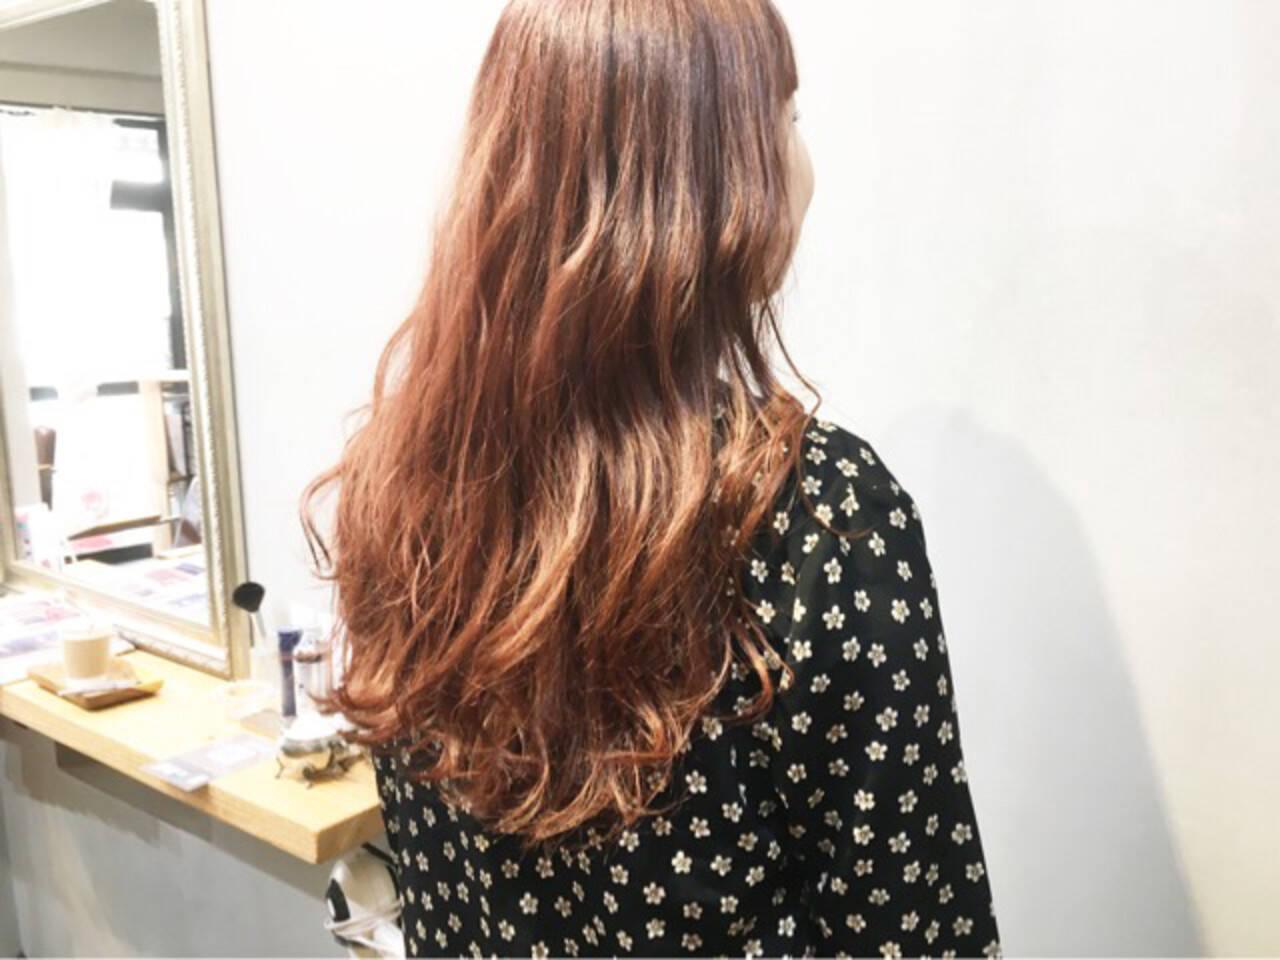 オレンジベージュ ナチュラル オレンジ オレンジカラーヘアスタイルや髪型の写真・画像